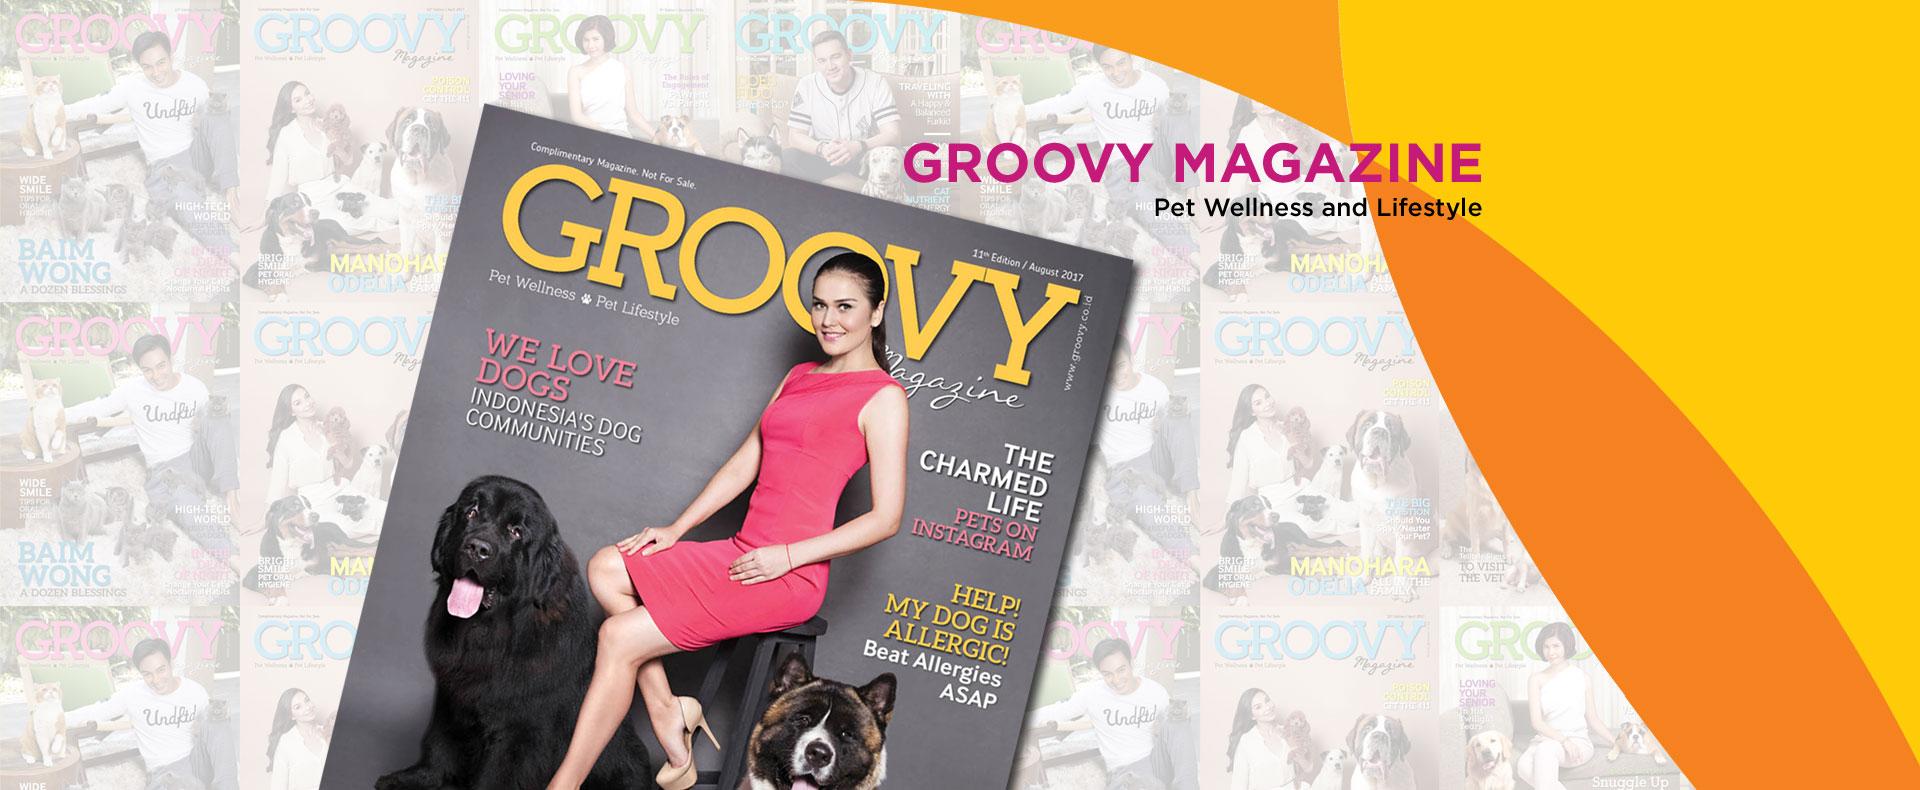 groovy magazine